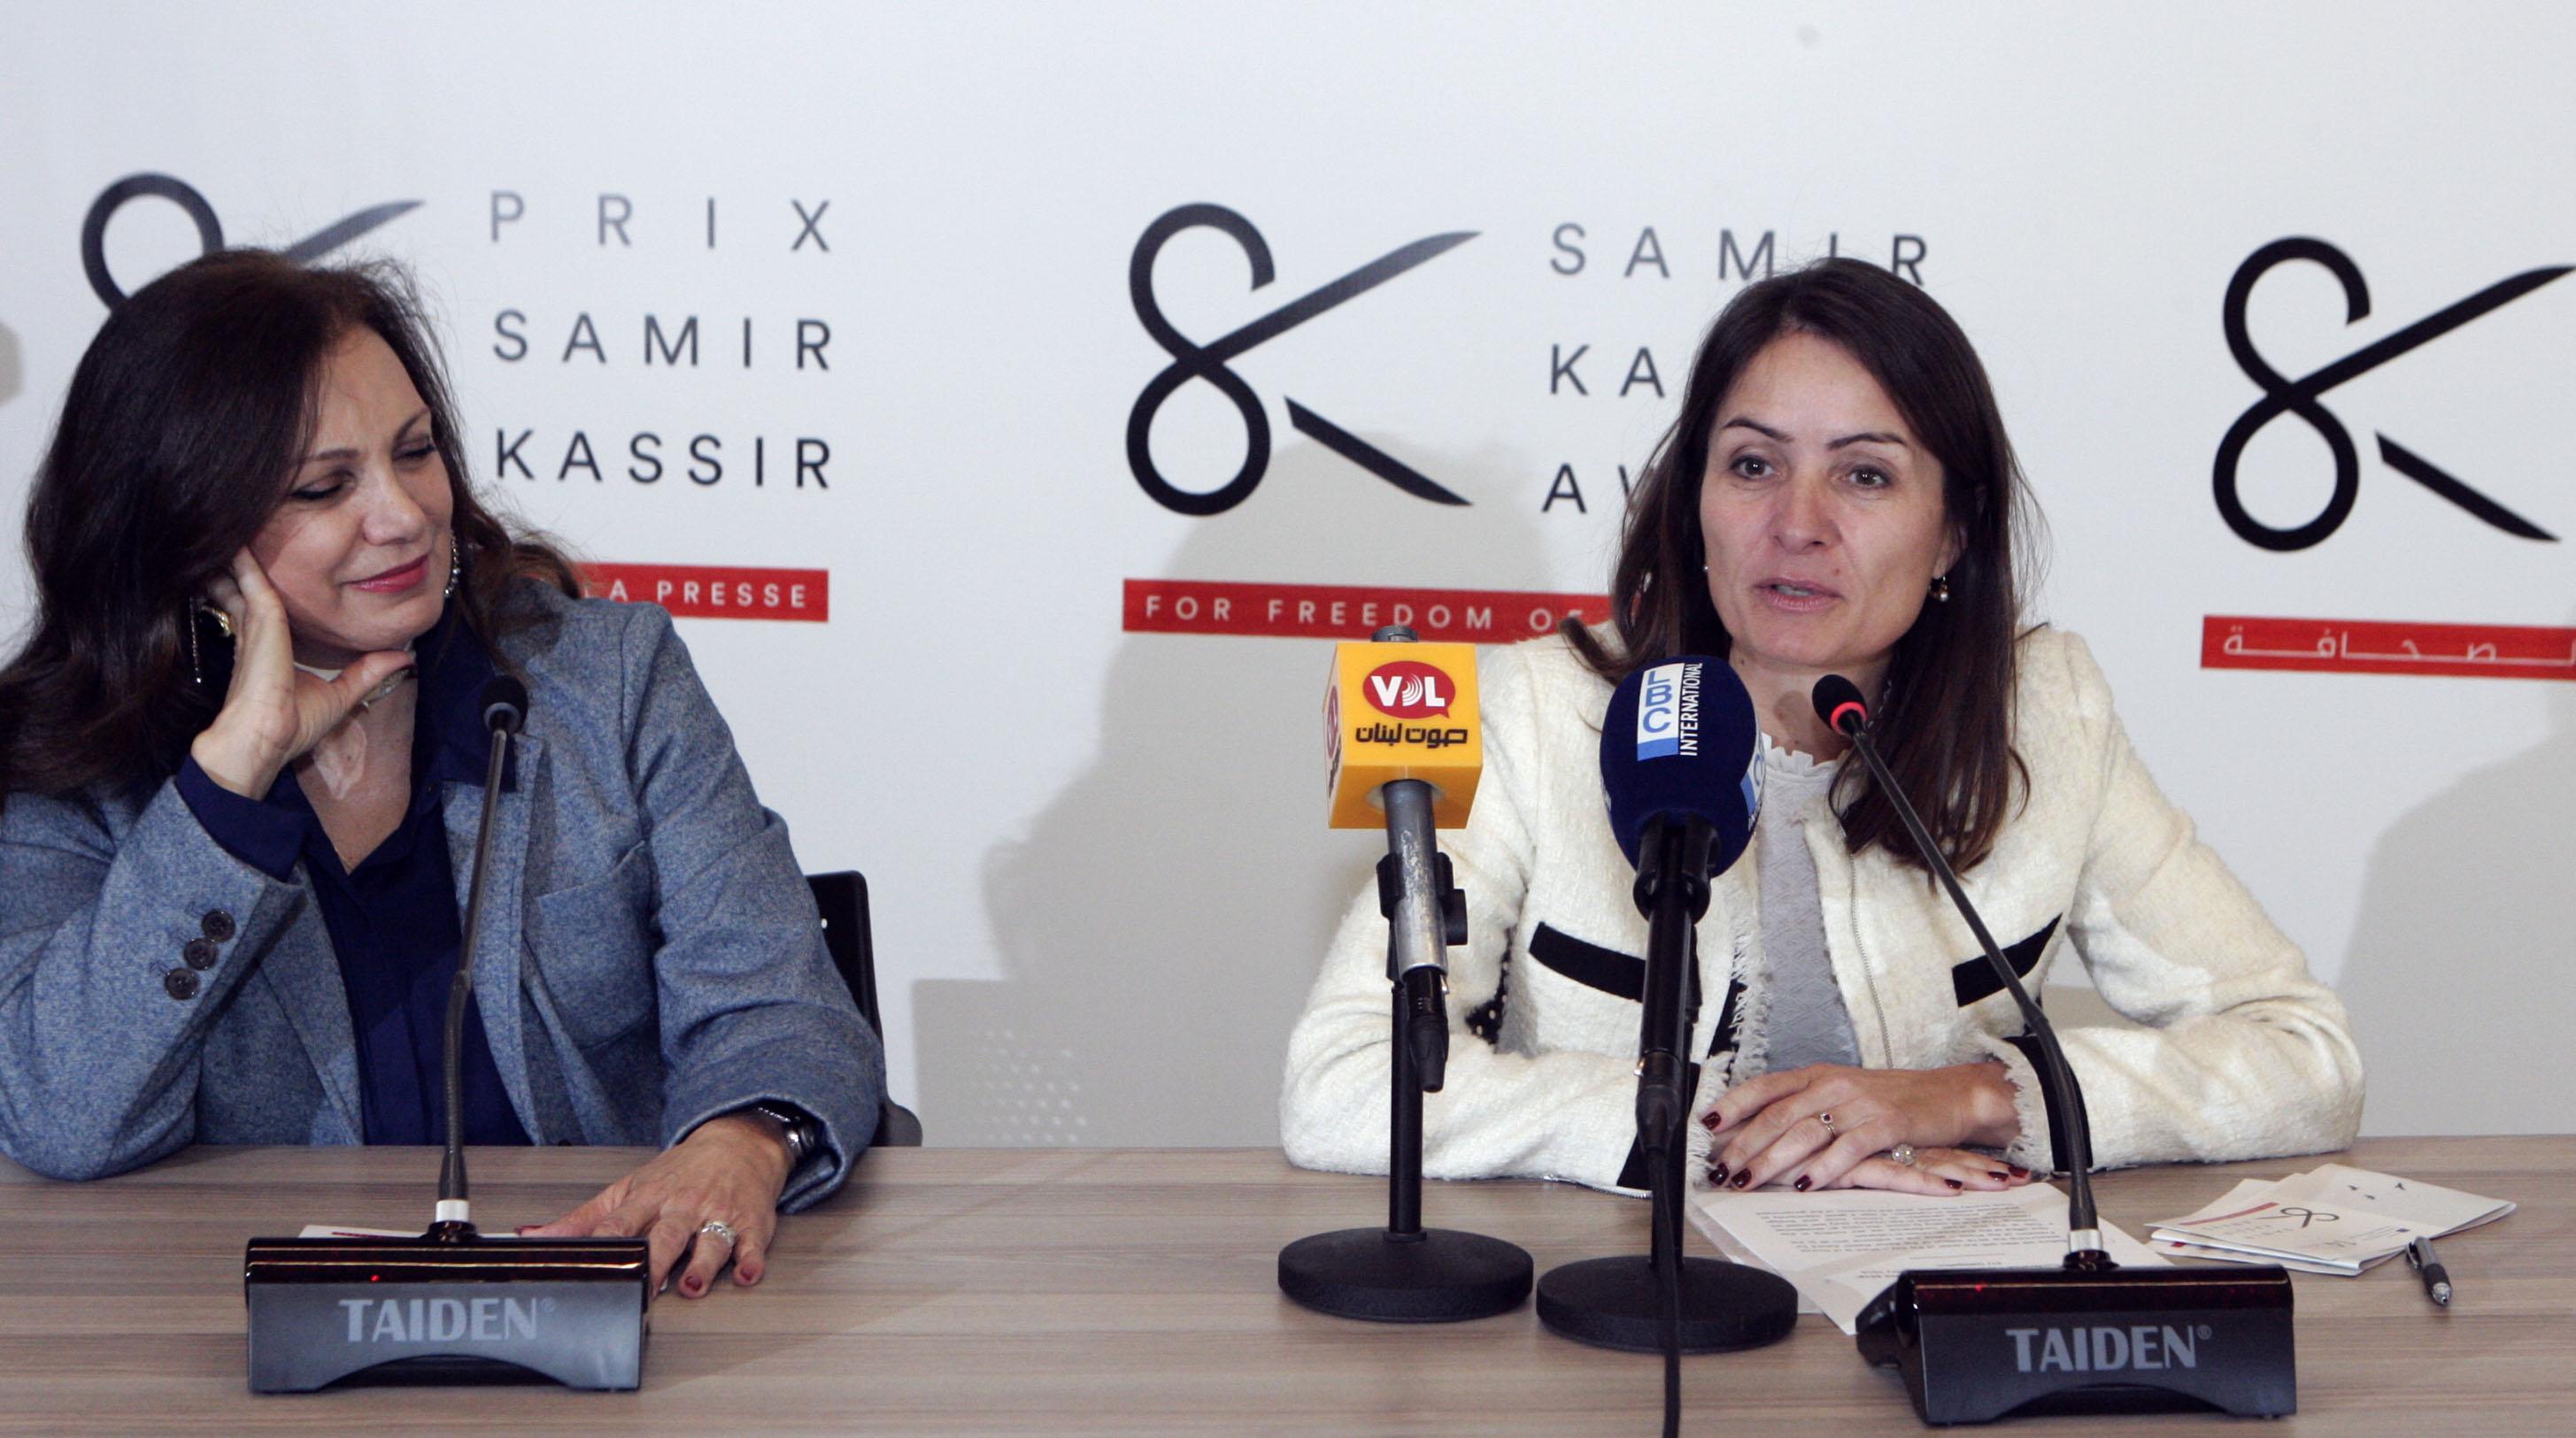 Prix Samir Kassir1